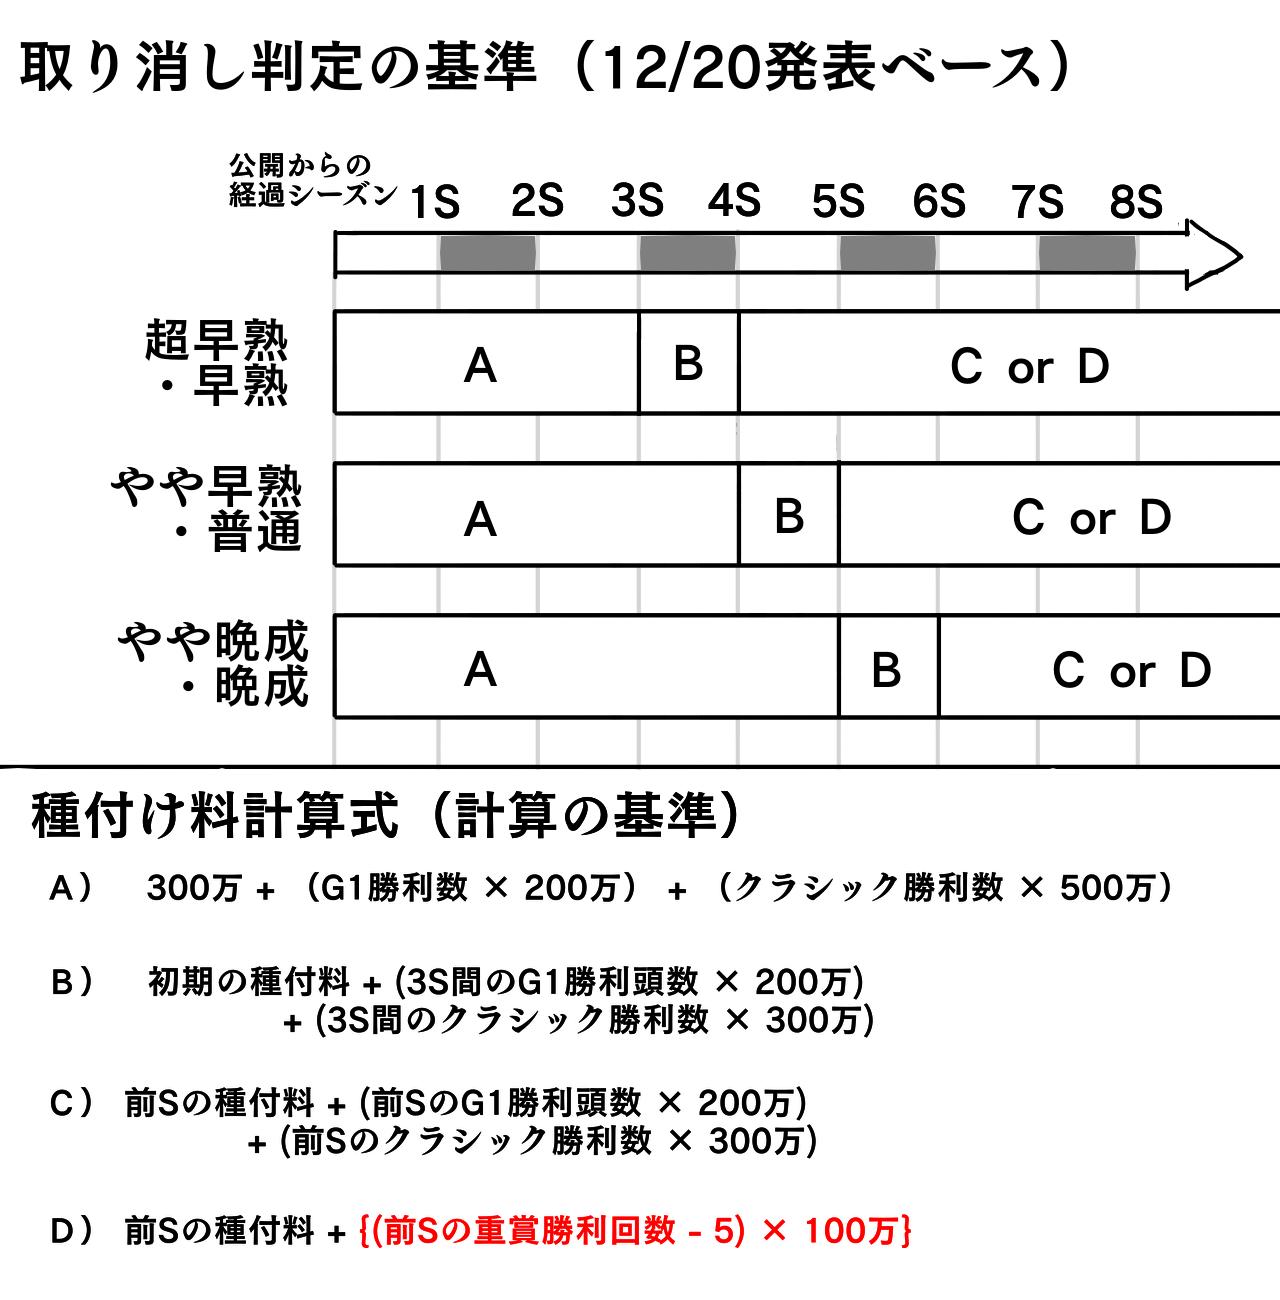 取り消し判定簡易図2